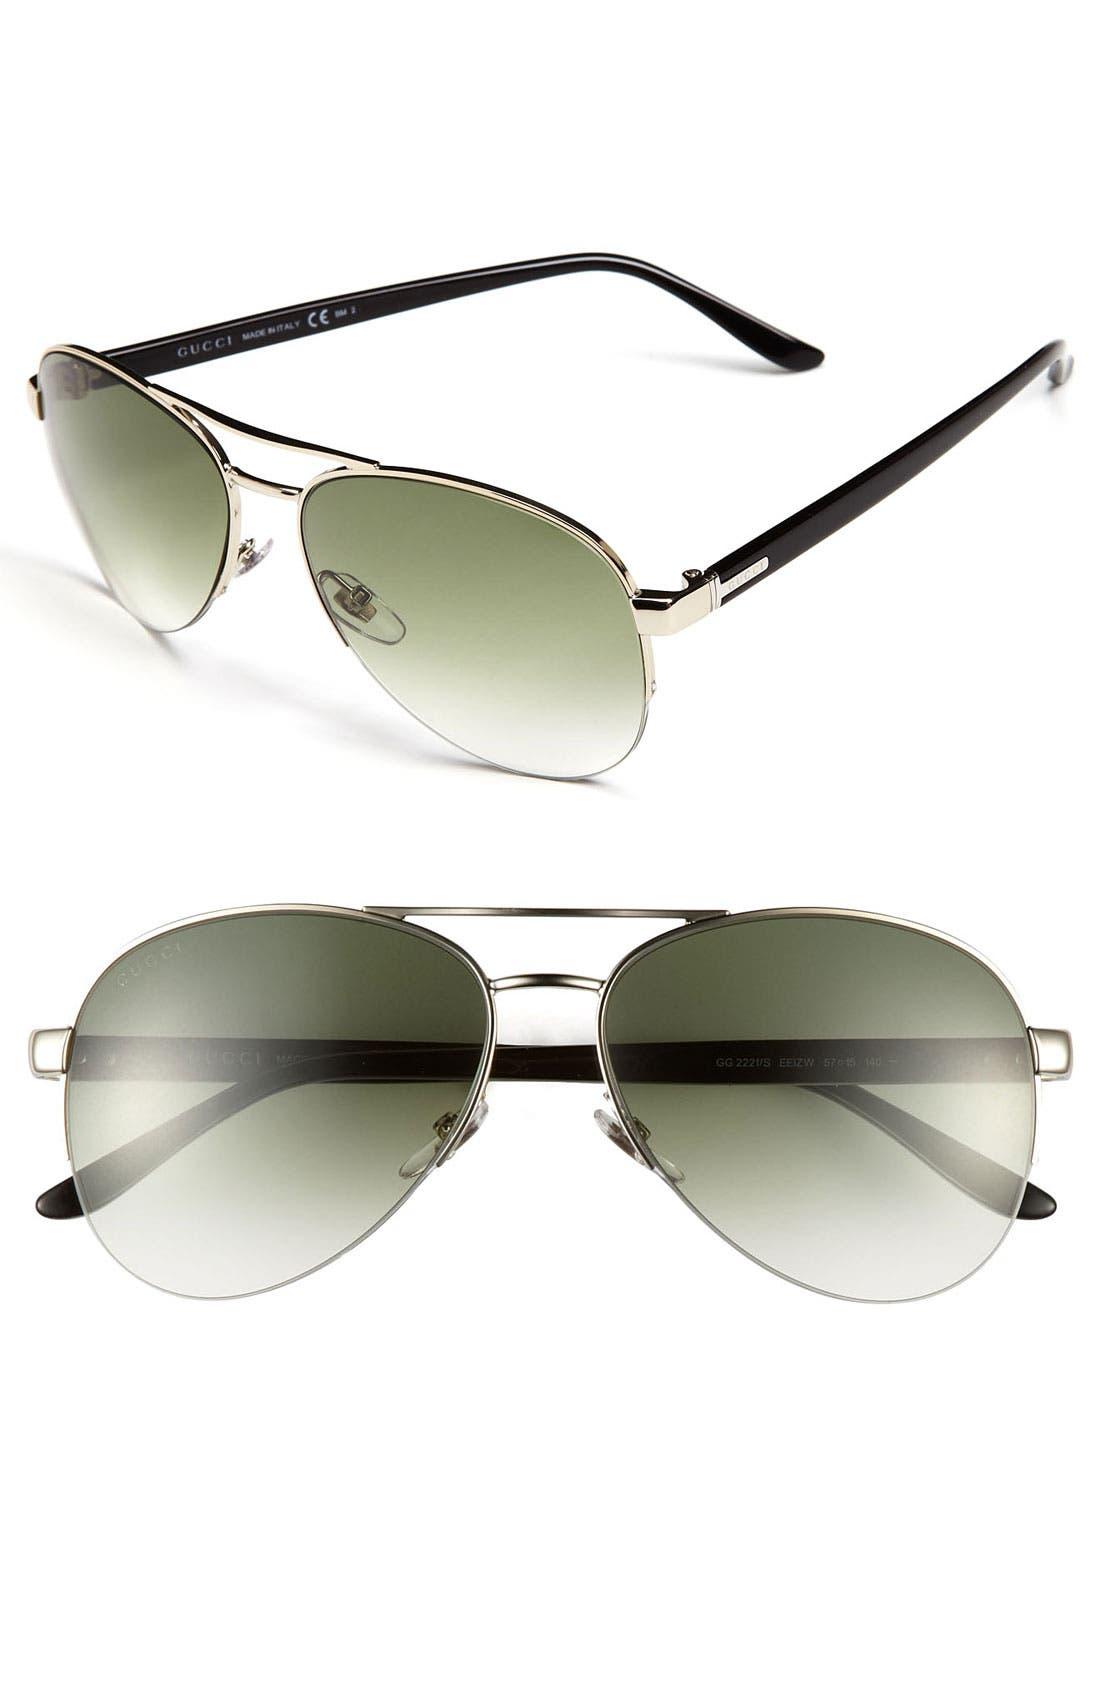 Alternate Image 1 Selected - Gucci Metal Aviator Sunglasses